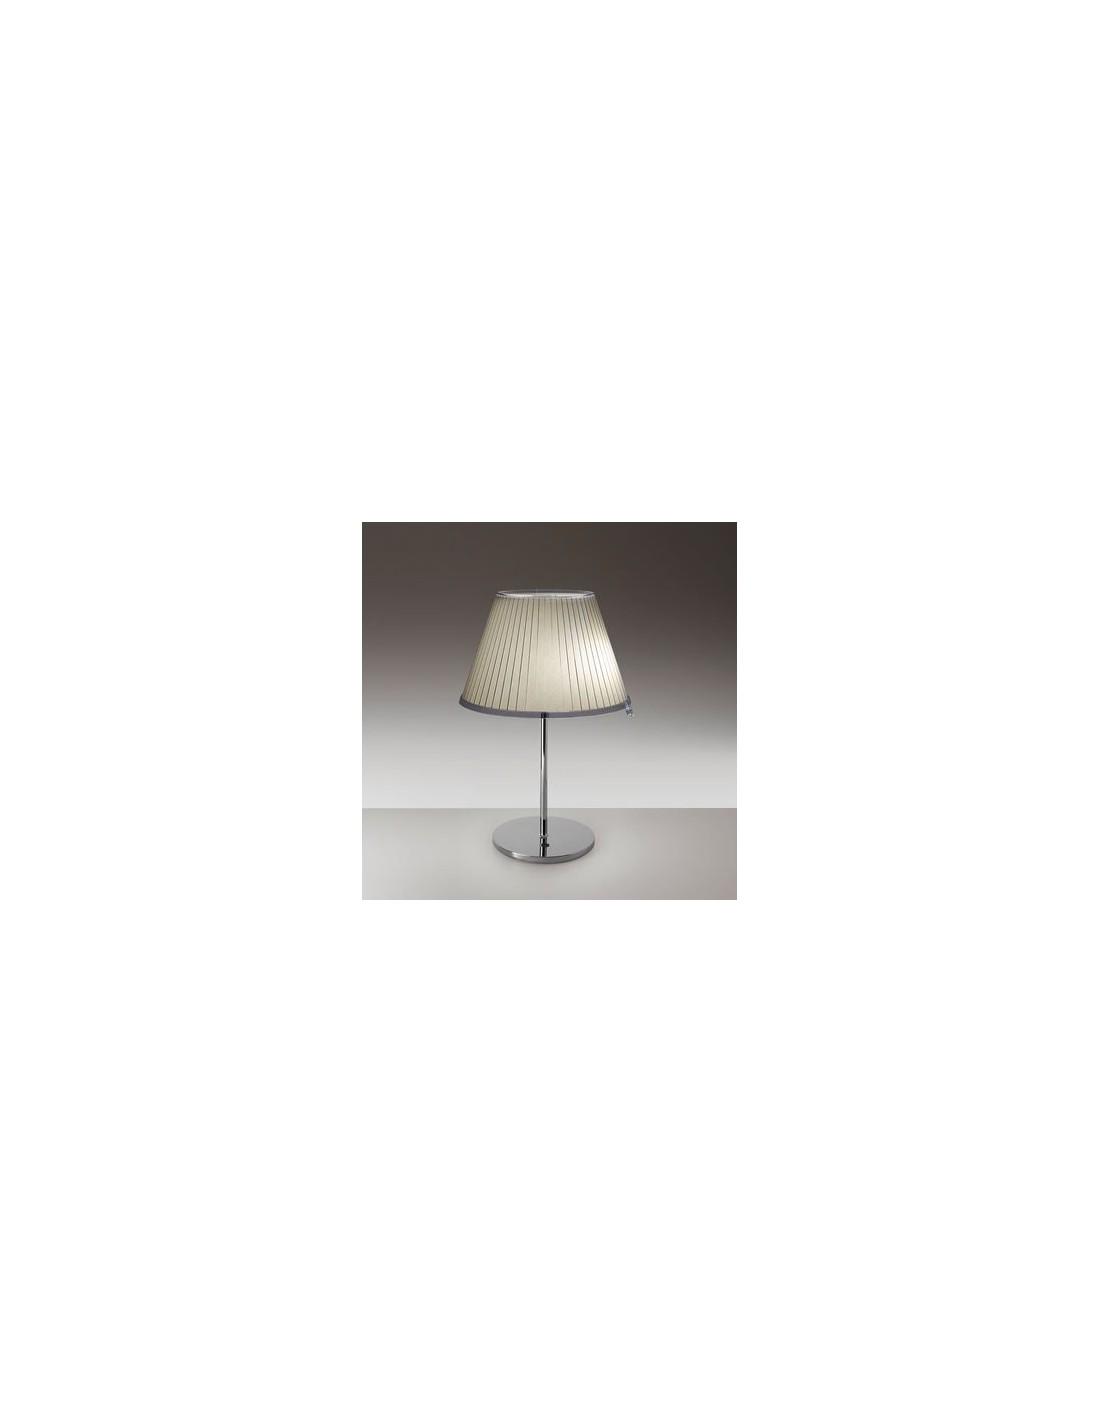 Lampe de table Choose Halogène chrome papier parchemin beige  vue d\'ensemble Artemide